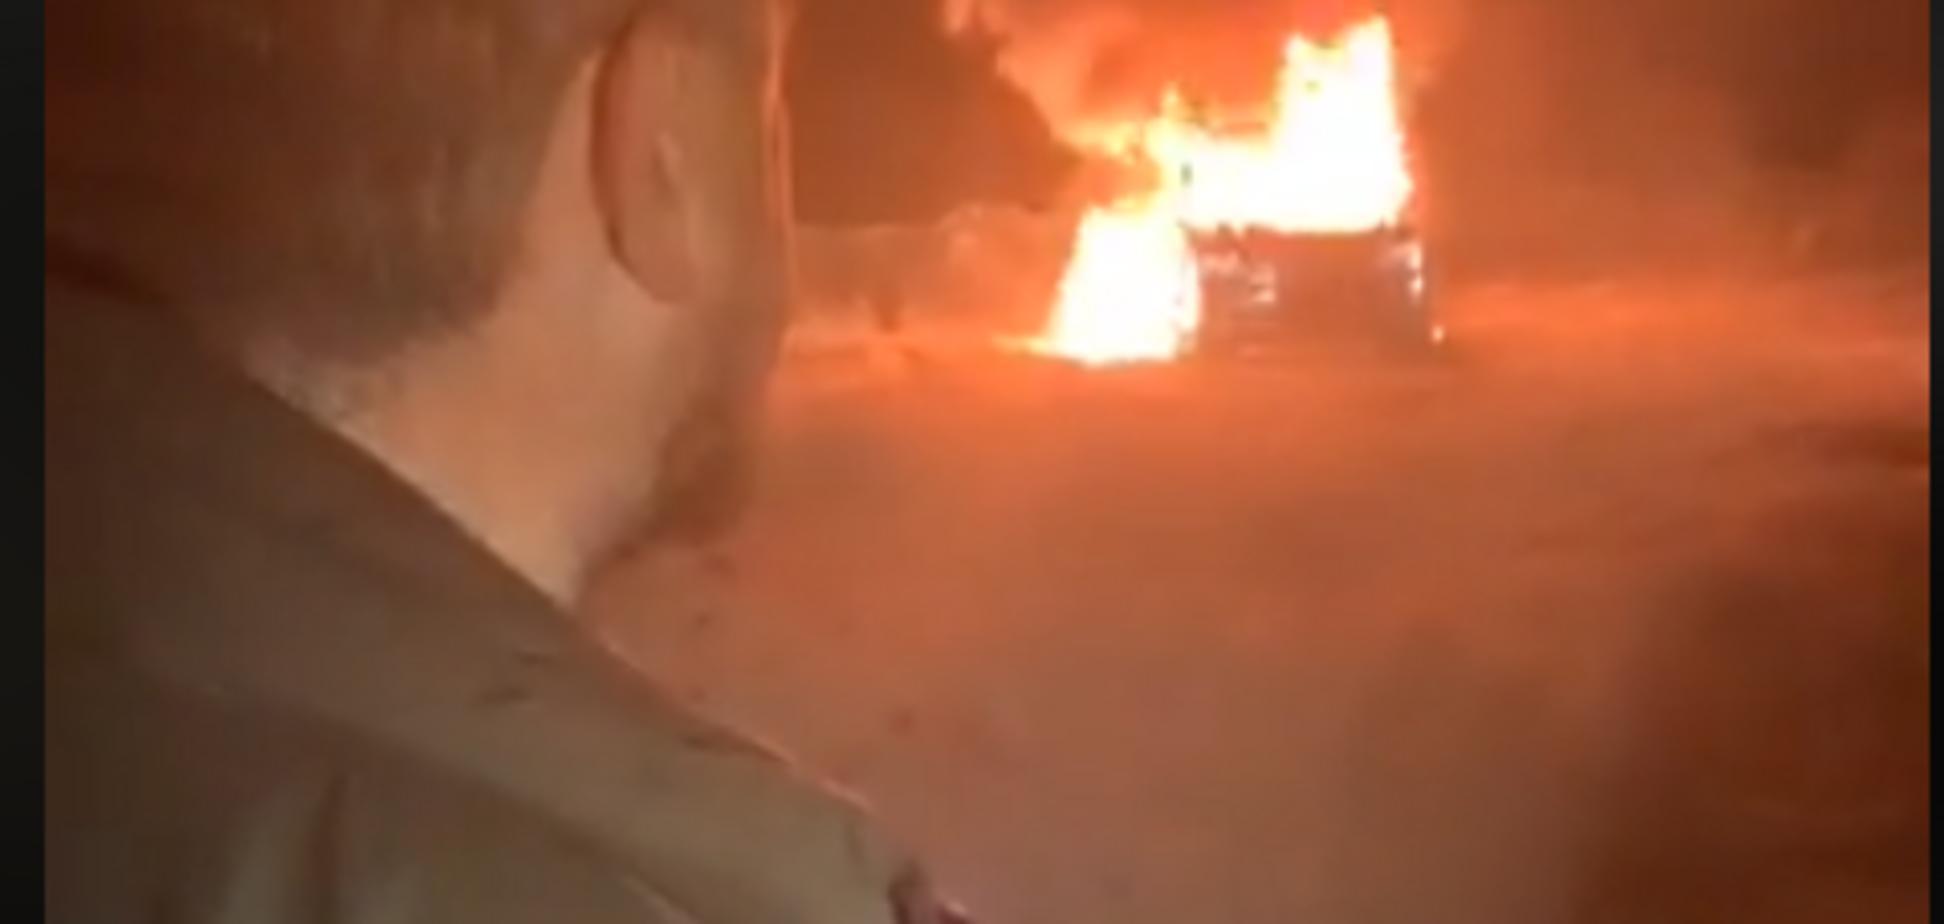 ''Ми нічого не отримали'': лідер власників авто на єврономерах спалив свою машину. Відео